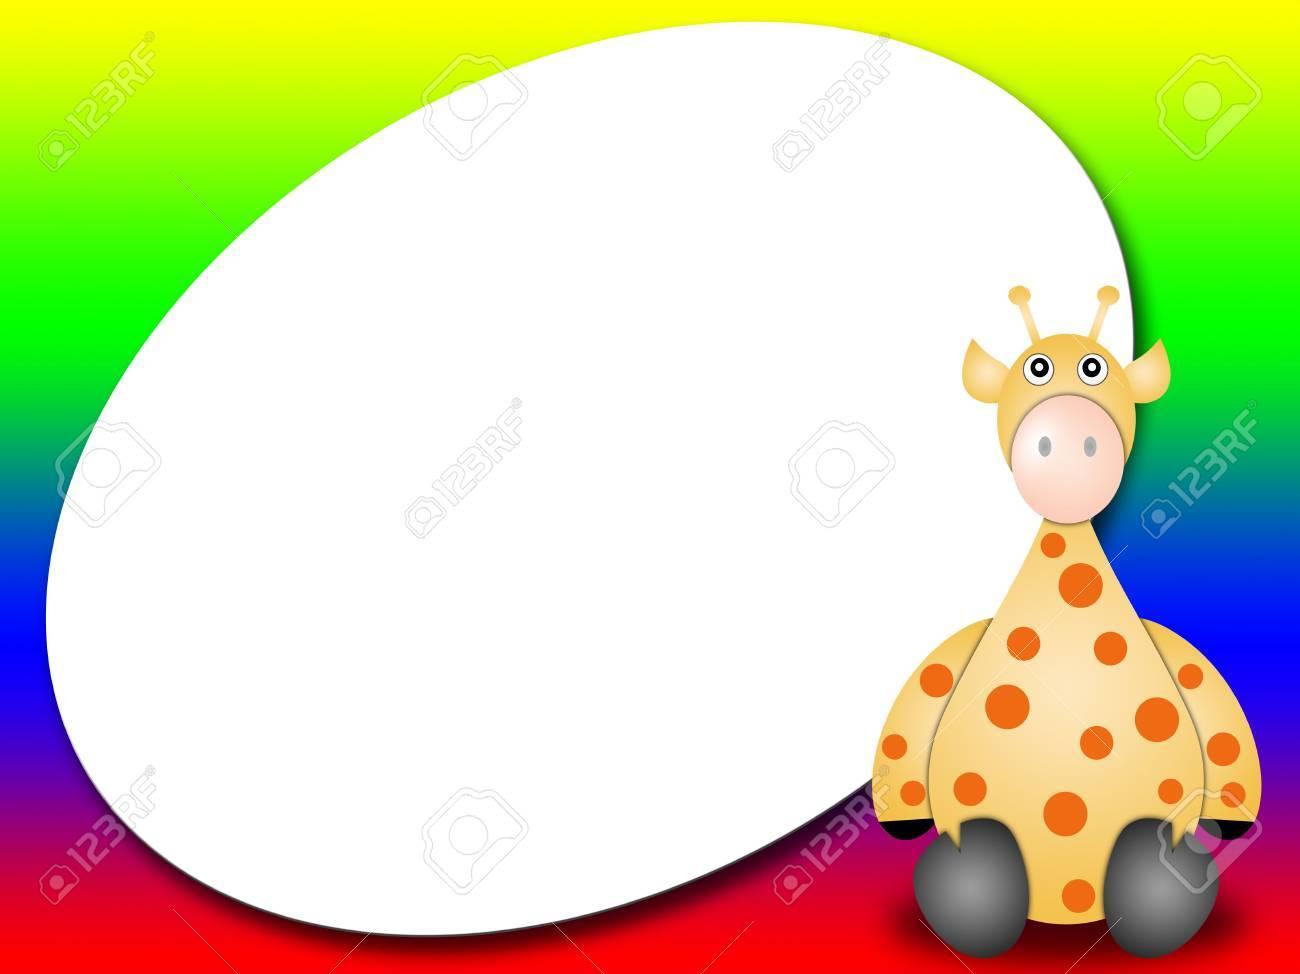 Rahmen Oder Das Gästebuch Mit Giraffe - Photo Frame Oder Eine ...